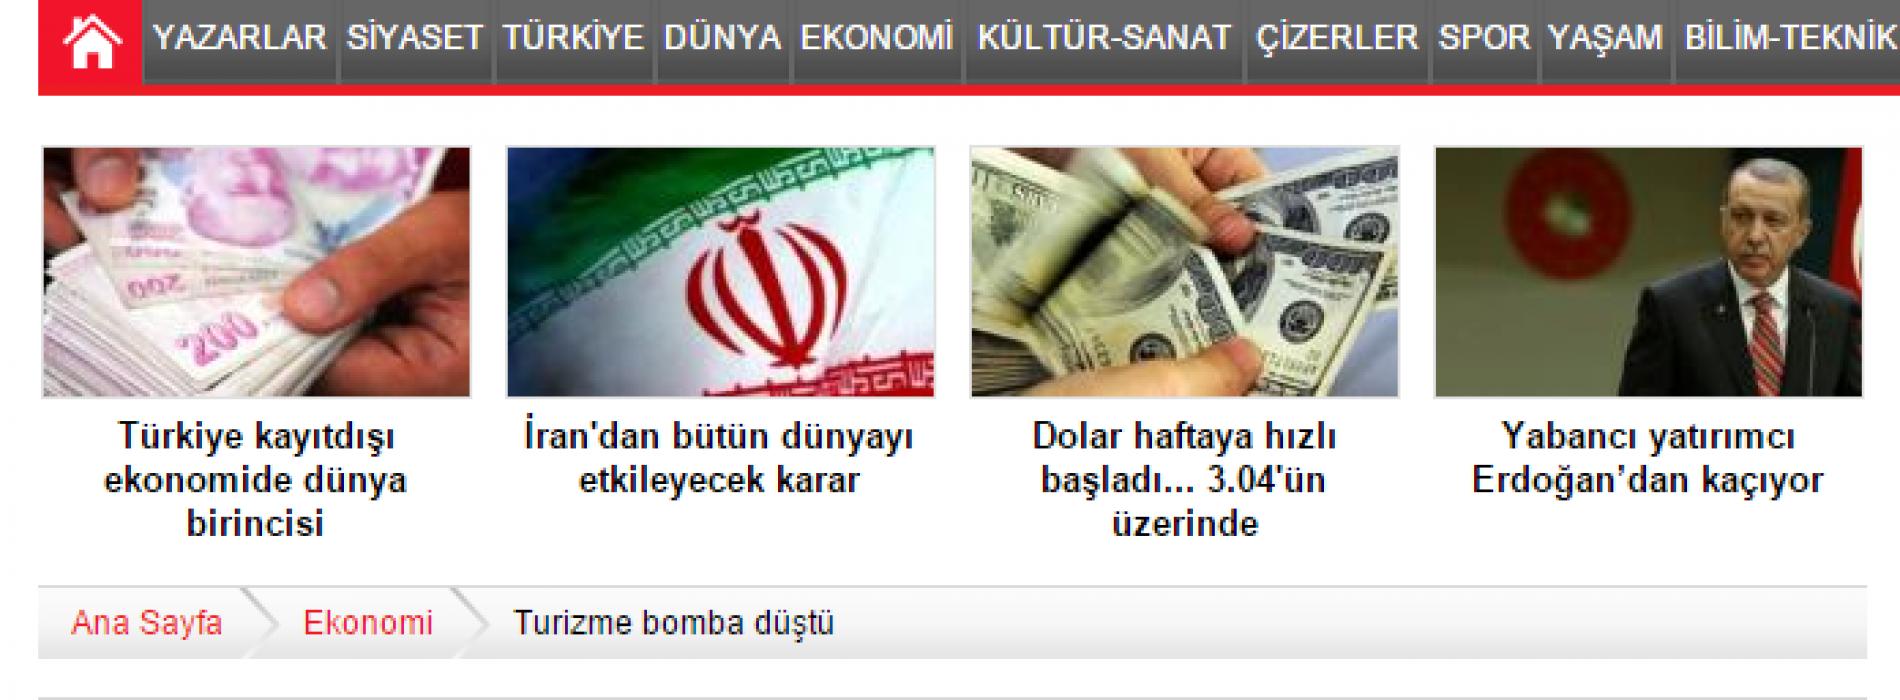 Cumhuriyet: Turizme Bomba Düştü